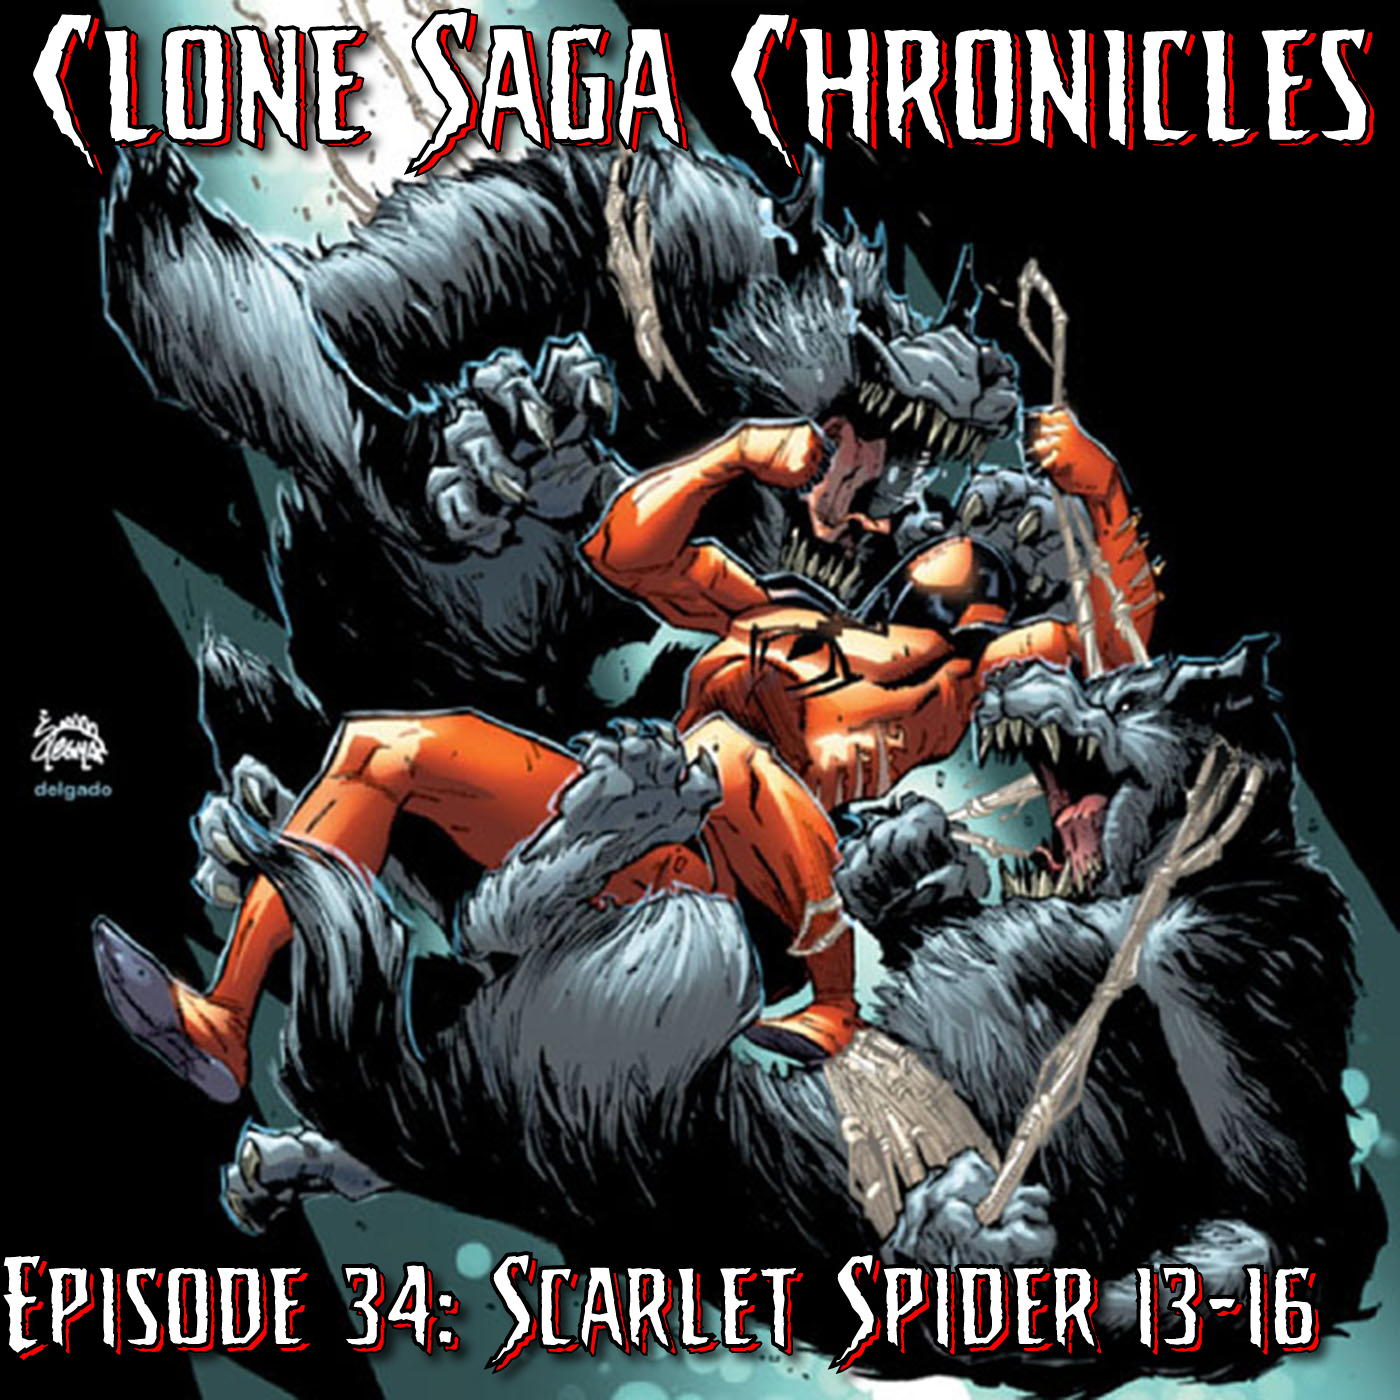 CSC Episode 34: Scarlet Spider (Vol II) 13-16 (Cover Date: Mar/Apr/Jun/Jul 2013)